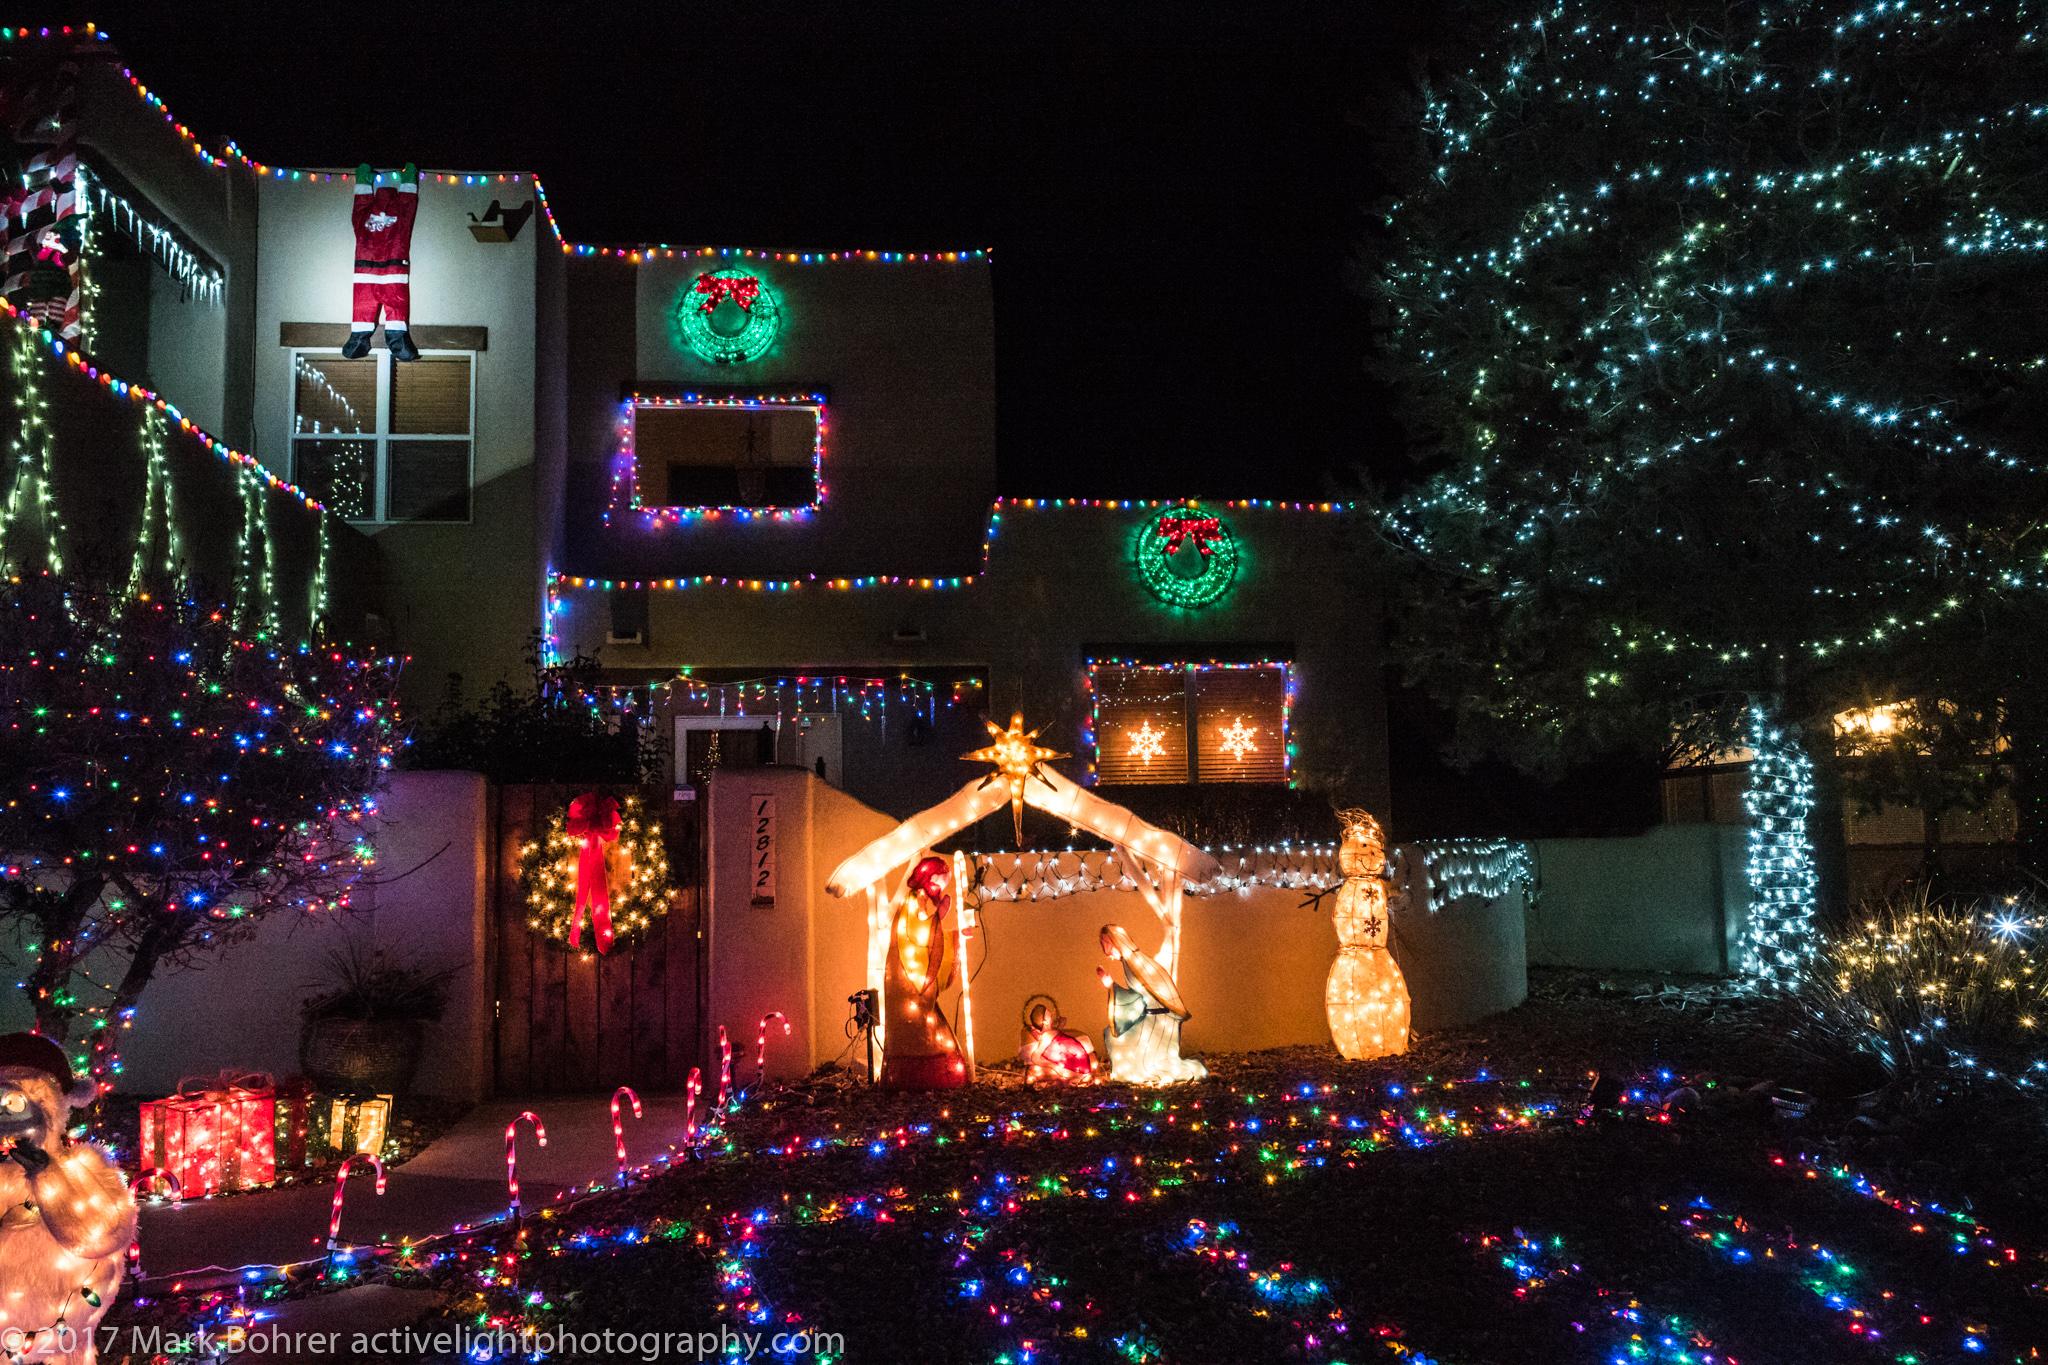 Dangling Santa in the spotlight